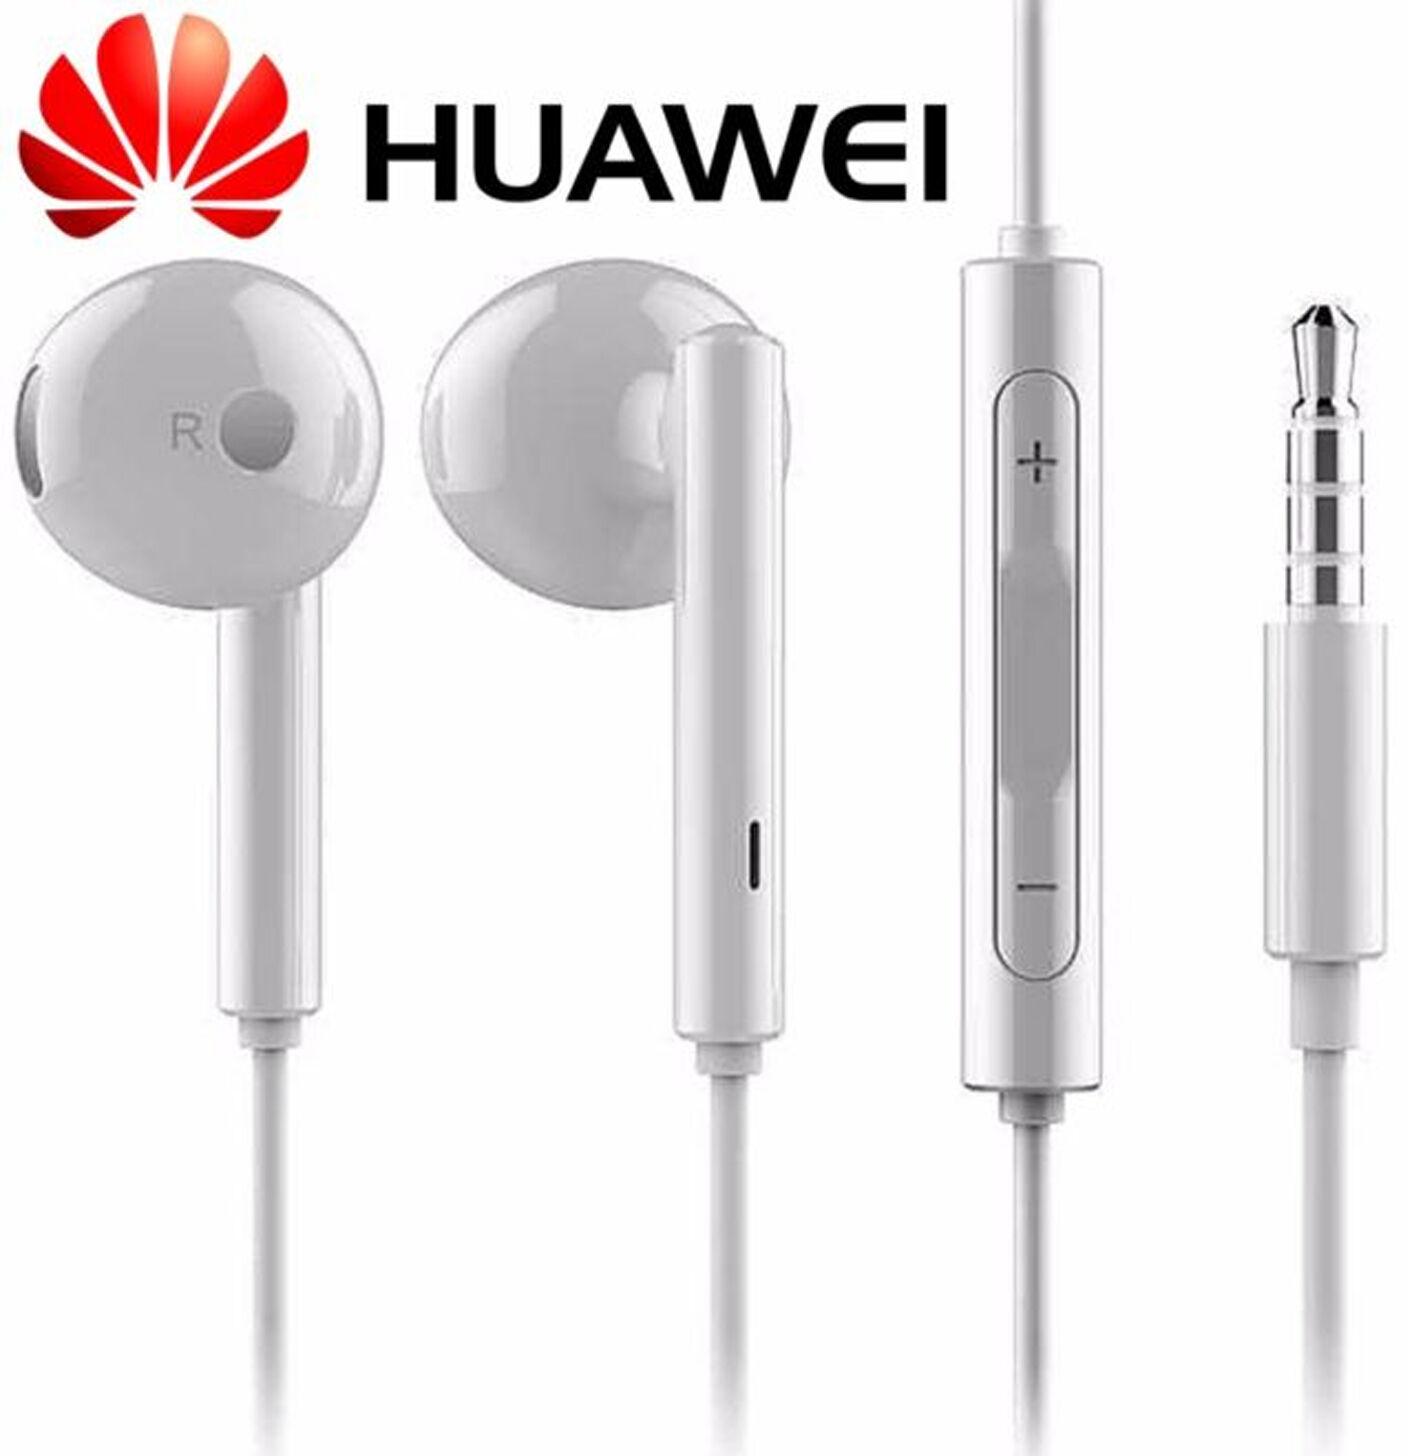 GENUINE HUAWEI EARPHONES HEADPHONES HANDSFREE FOR P9 P8 P9 ...